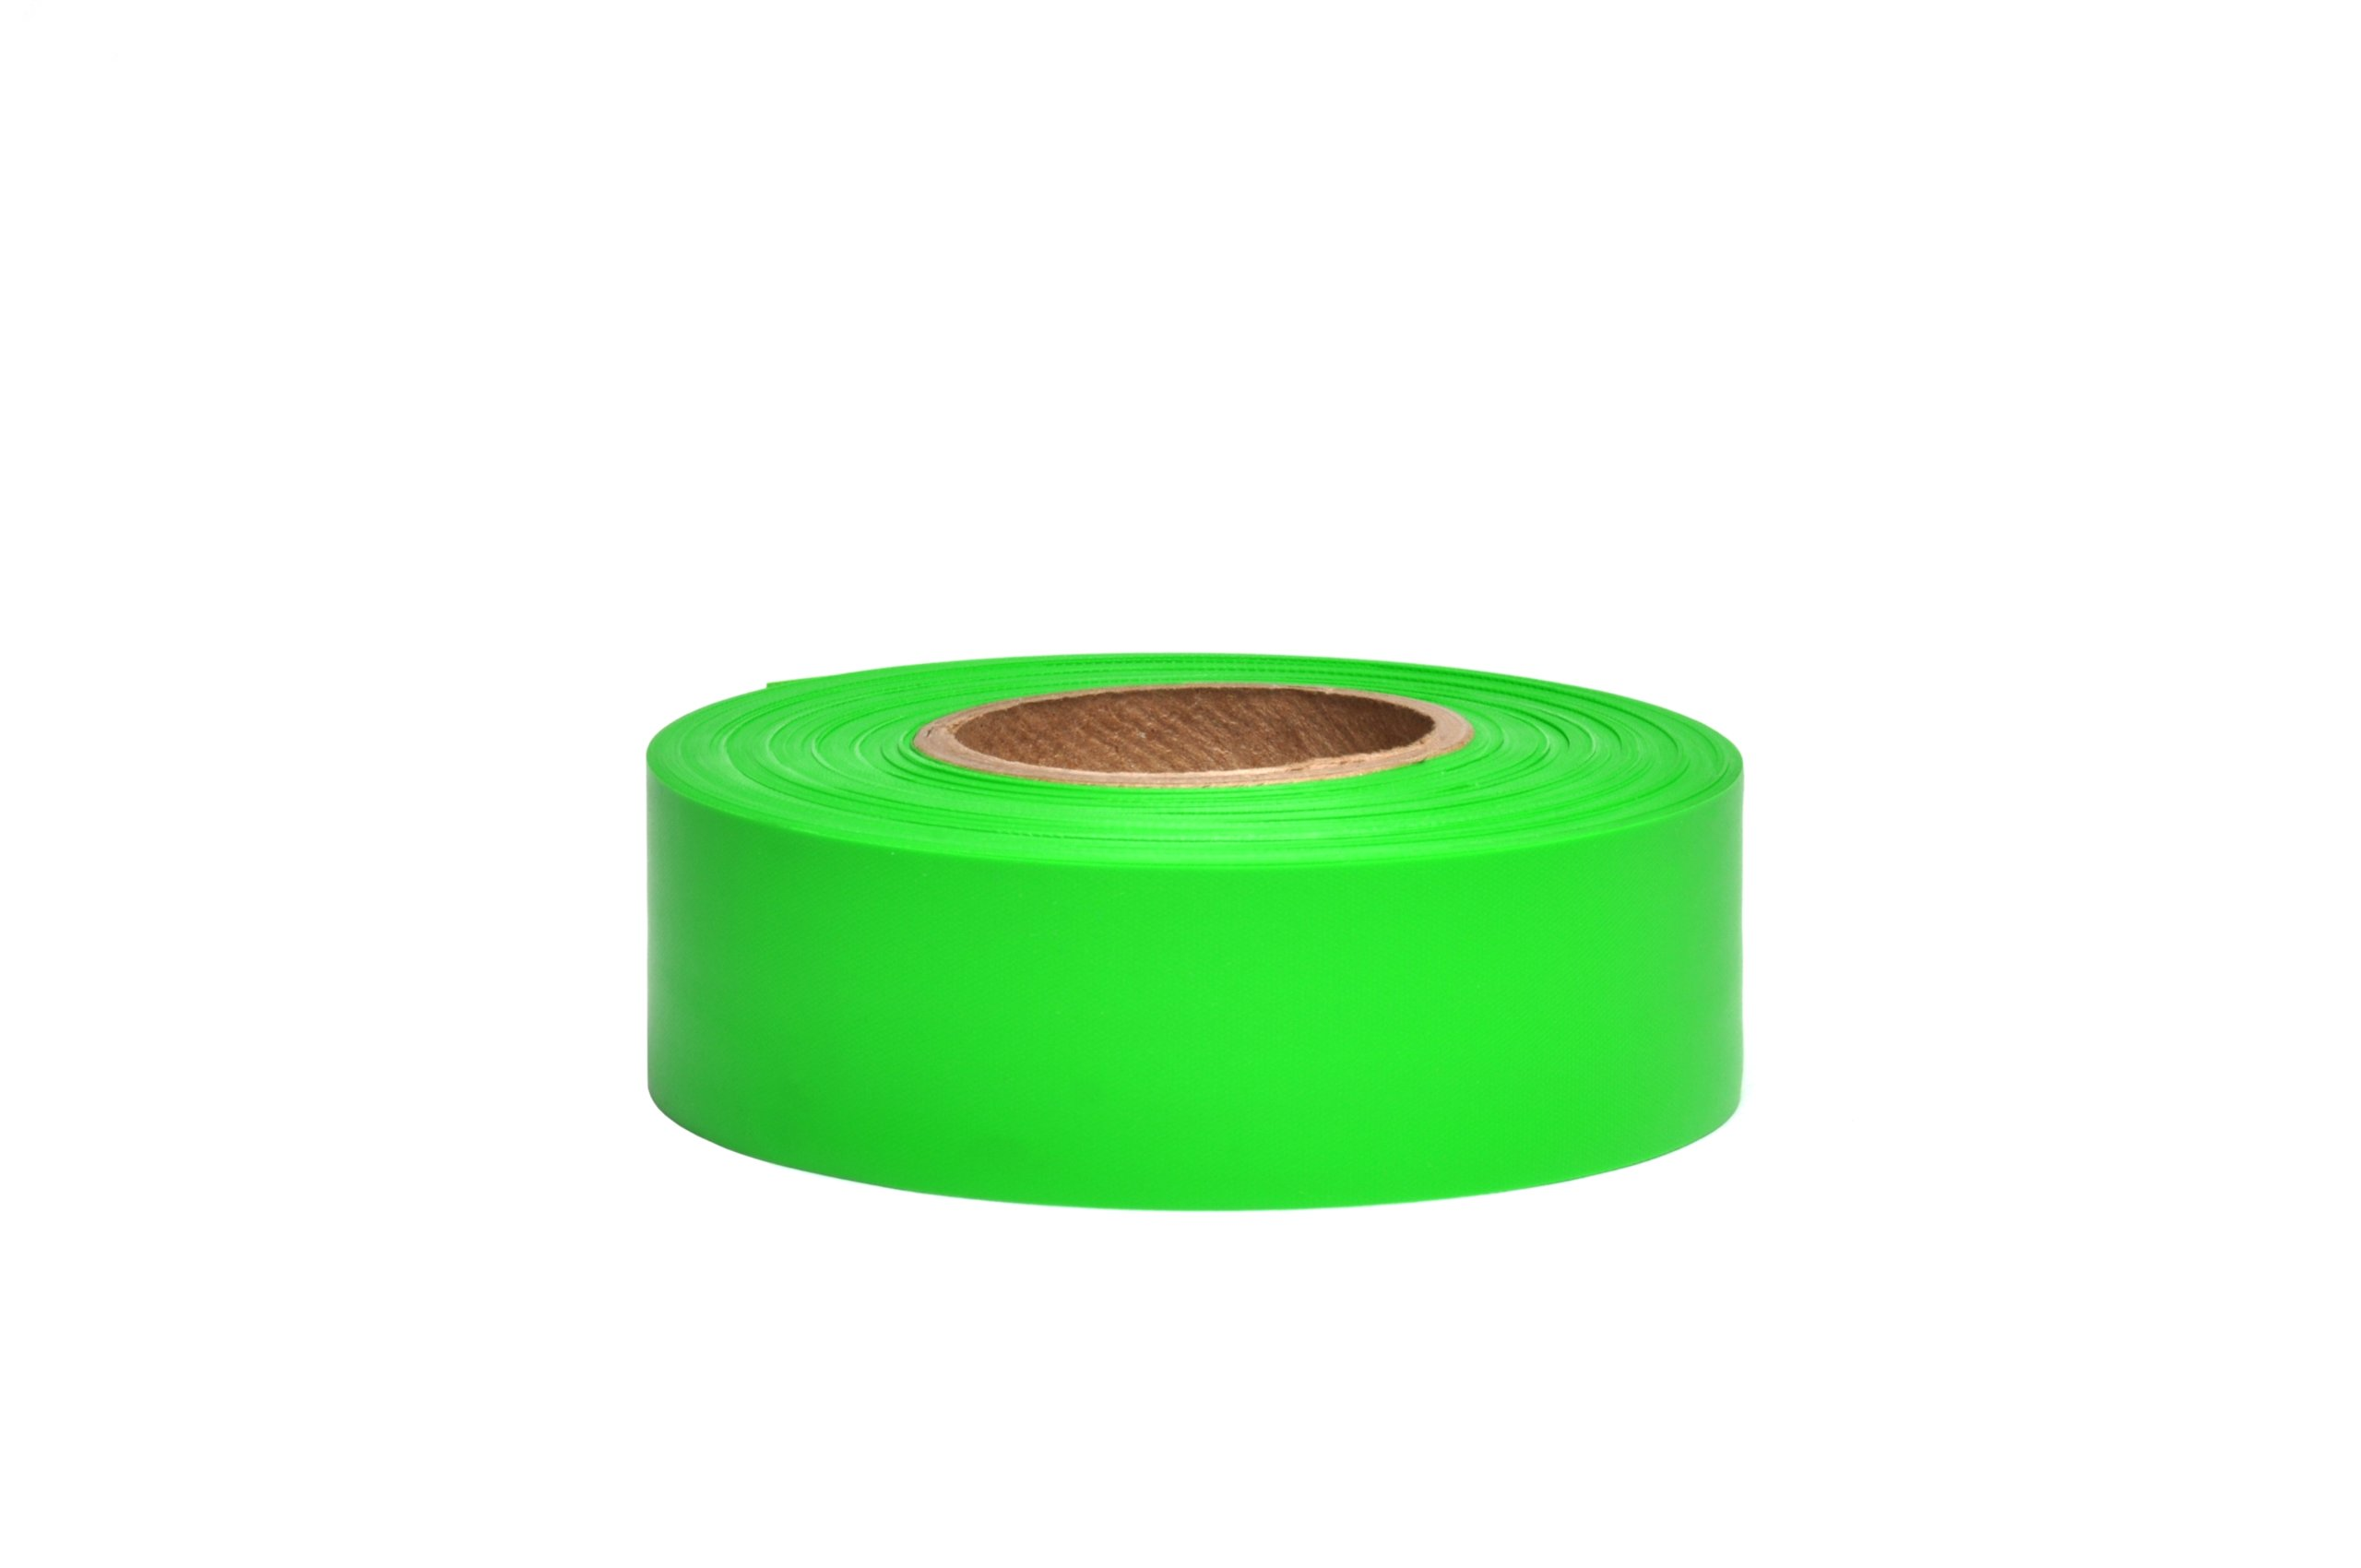 Swanson Tool Co Green Glo 1 3/16 Inch x 300 Foot Taffeta Safety Roll Flagging, Model # RFTG300